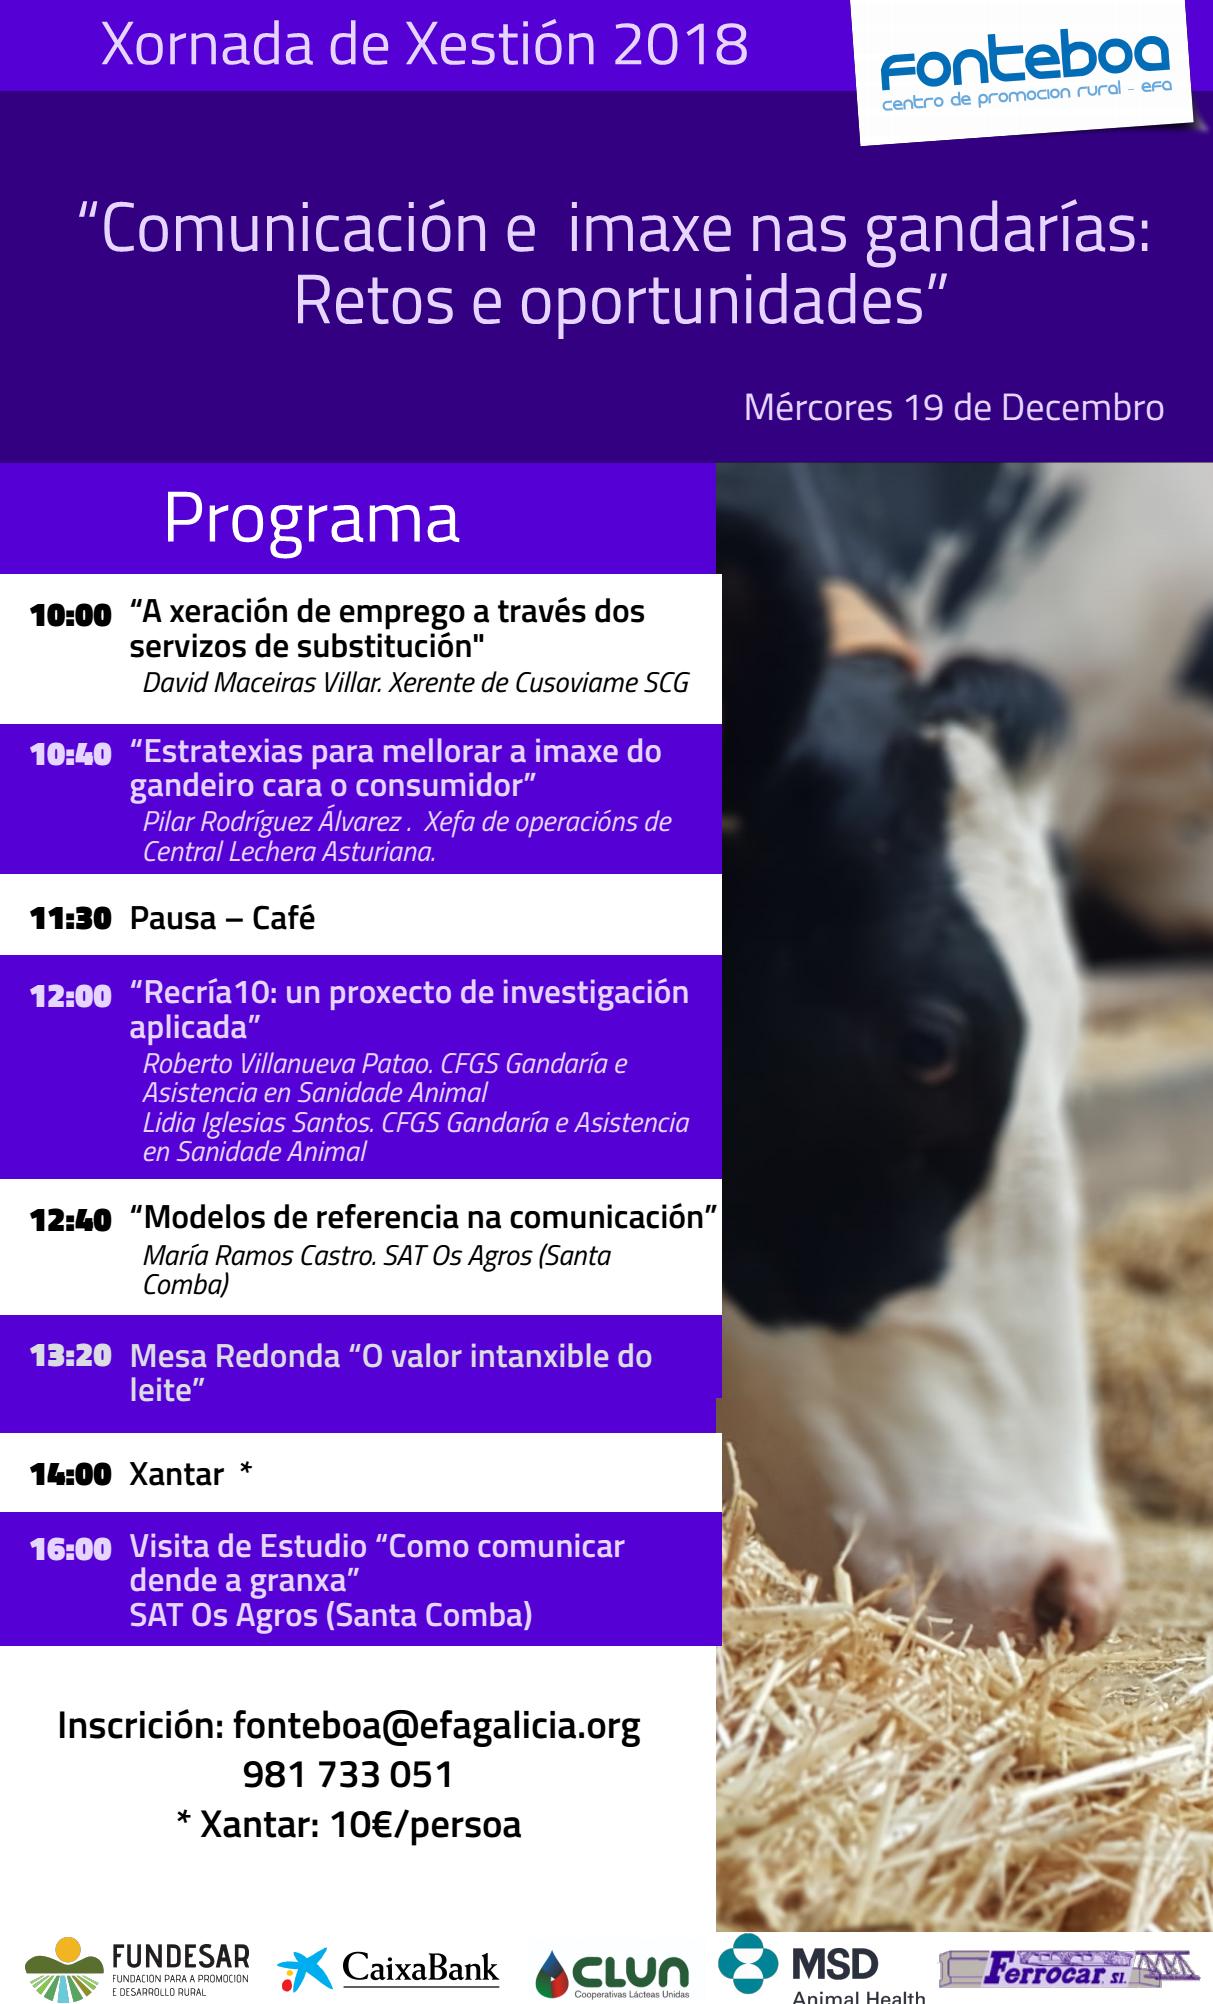 FONTEBOA_IMAXE_GANDARIAS